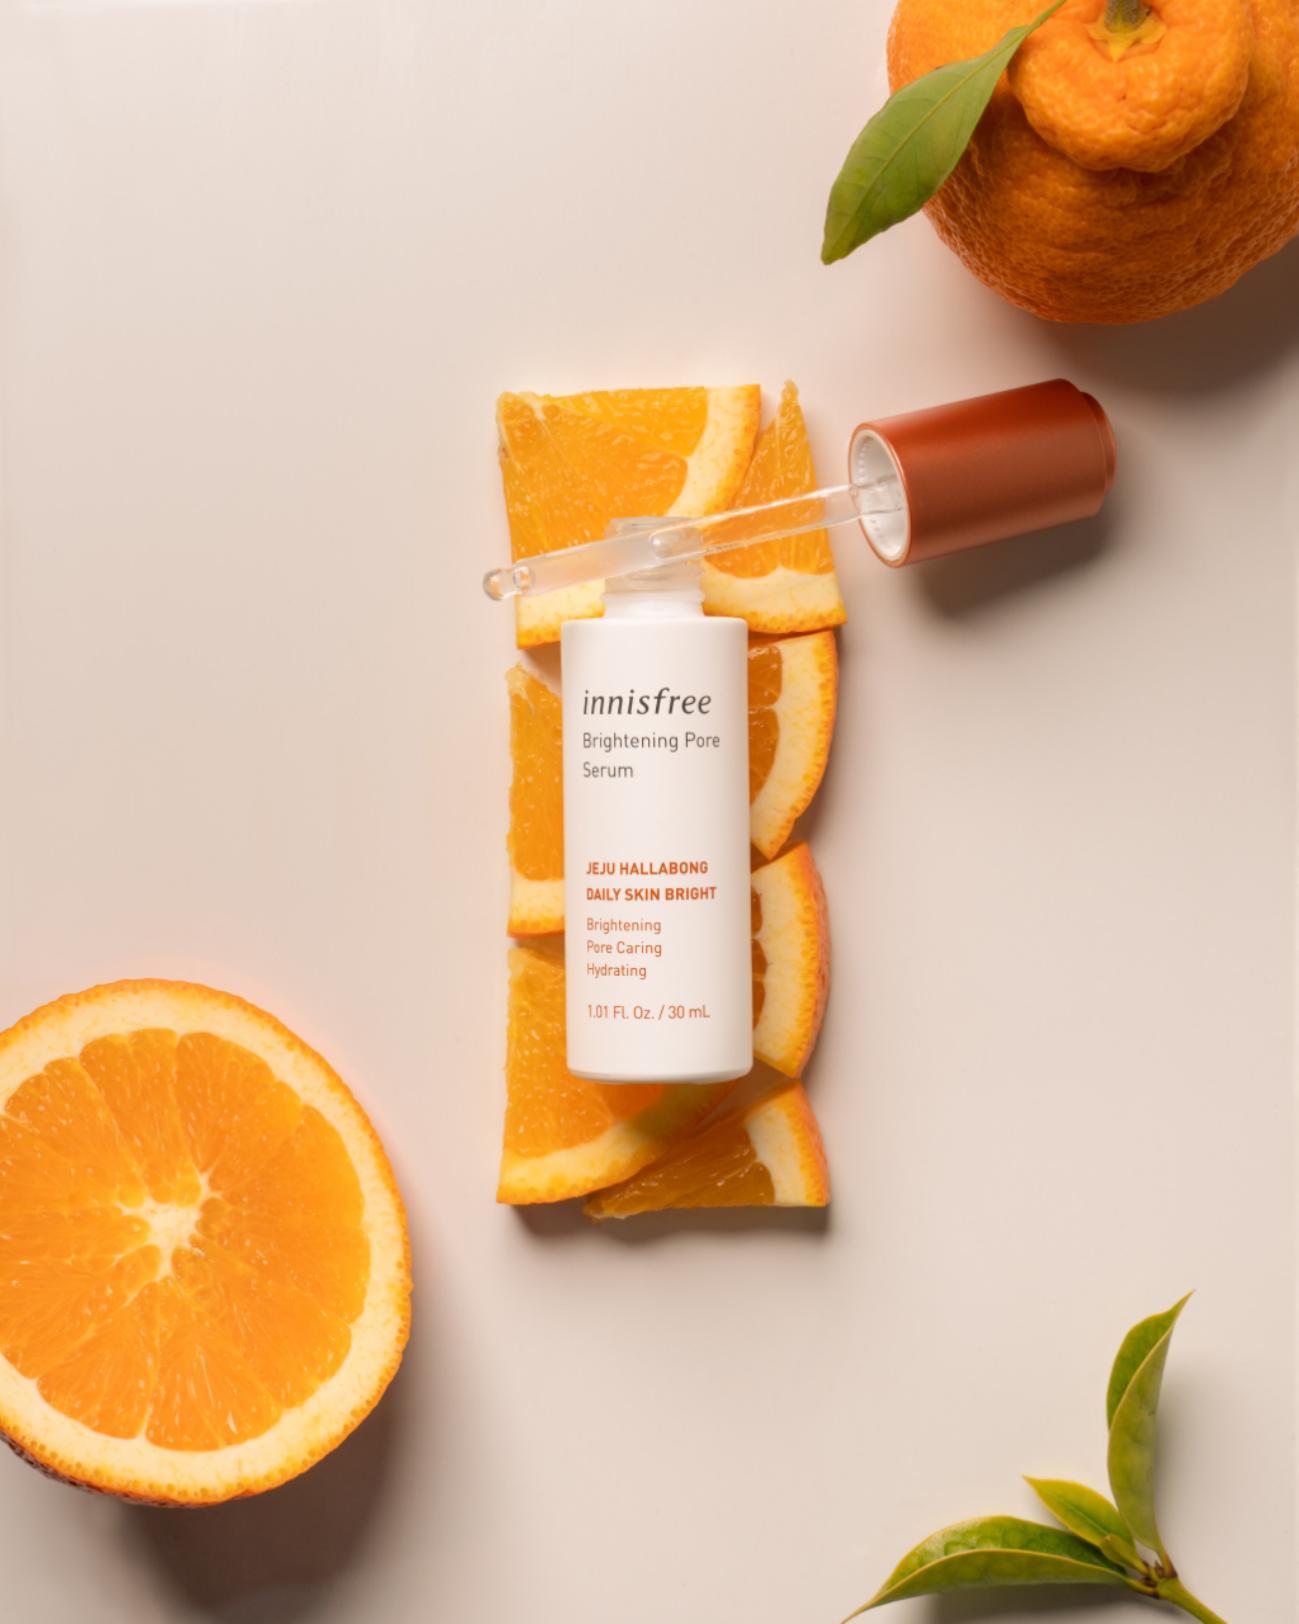 innisfree Brightening Pore Serum cho quy trình chăm sóc da đơn giản